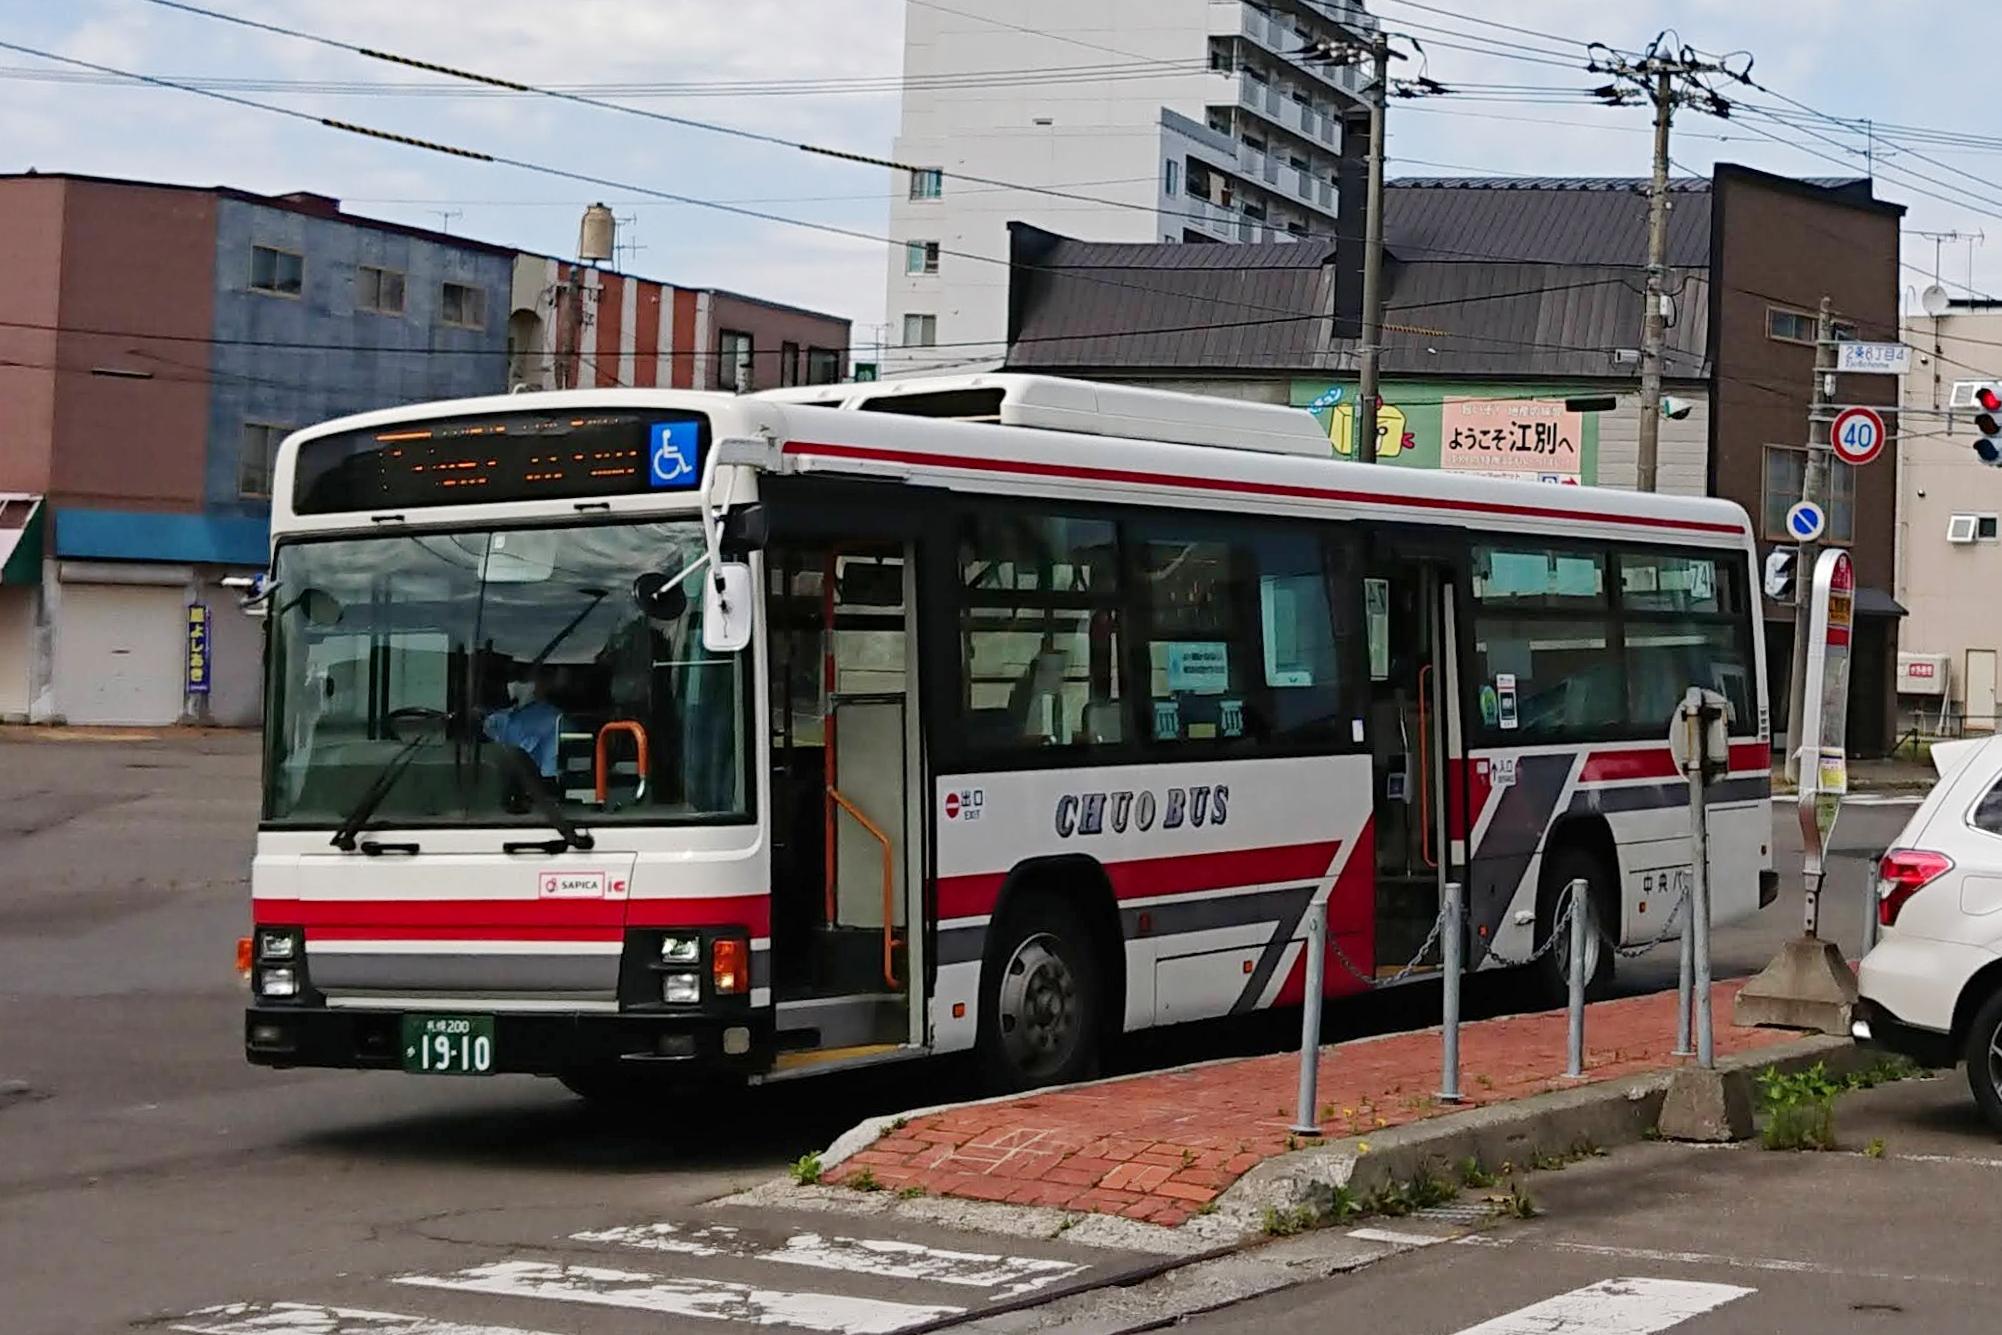 バス 北海道 時刻 表 中央